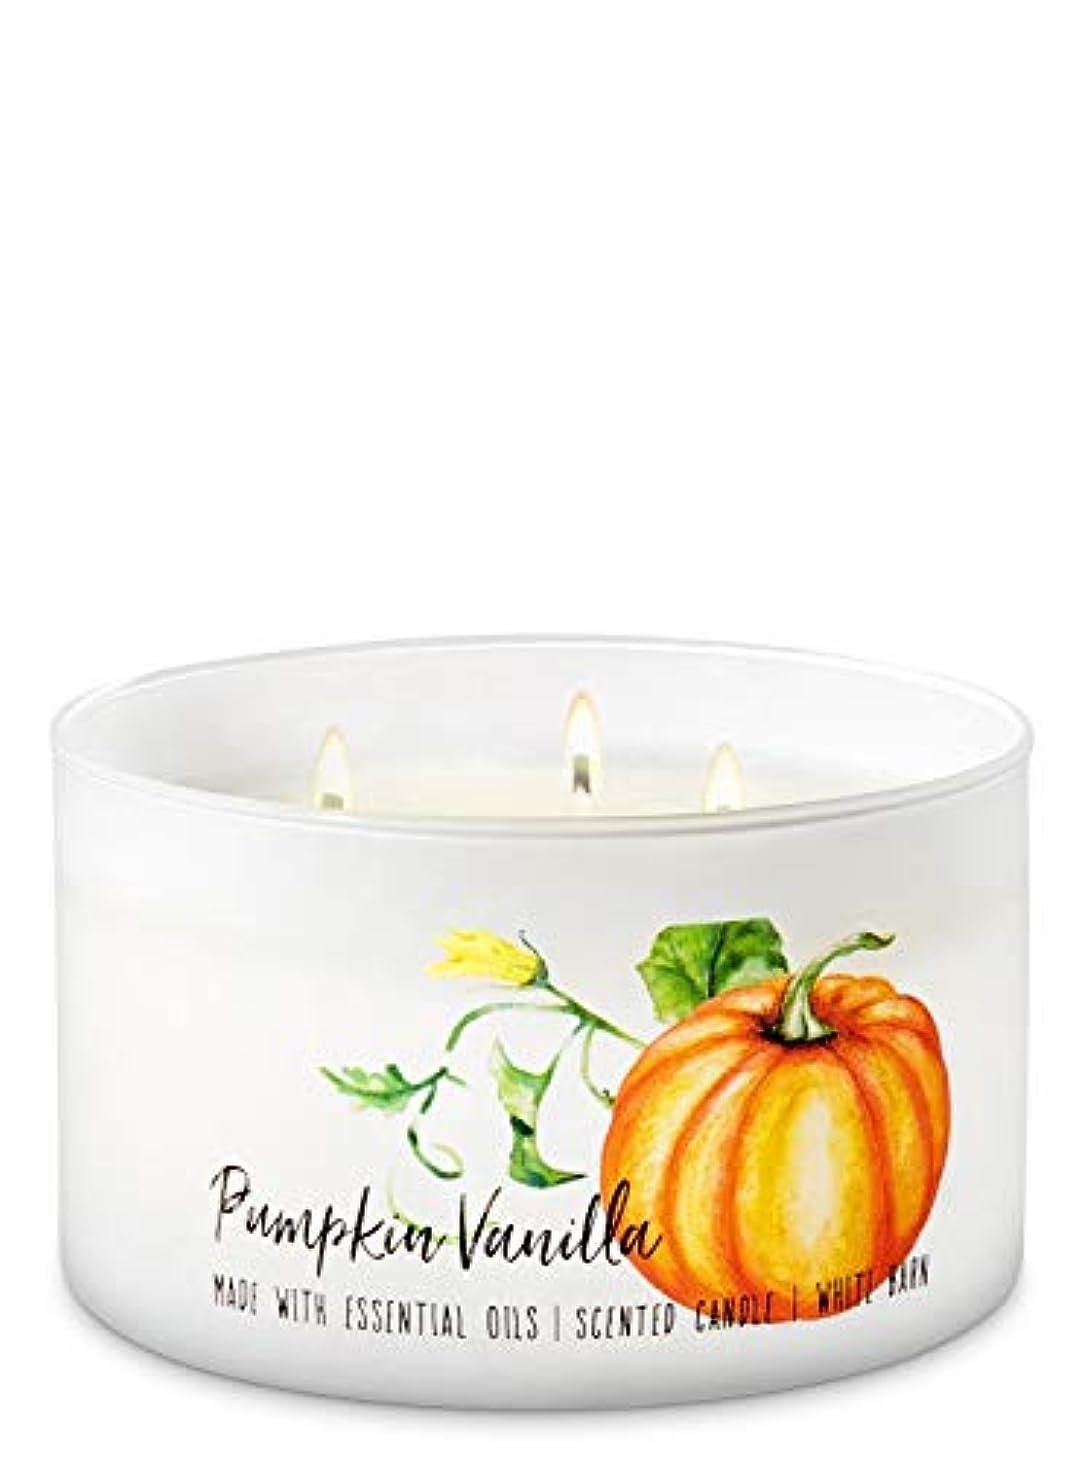 配管工カスケードローブ【Bath&Body Works/バス&ボディワークス】 アロマキャンドル パンプキンバニラ 3-Wick Scented Candle Pumpkin Vanilla 14.5oz/411g [並行輸入品]